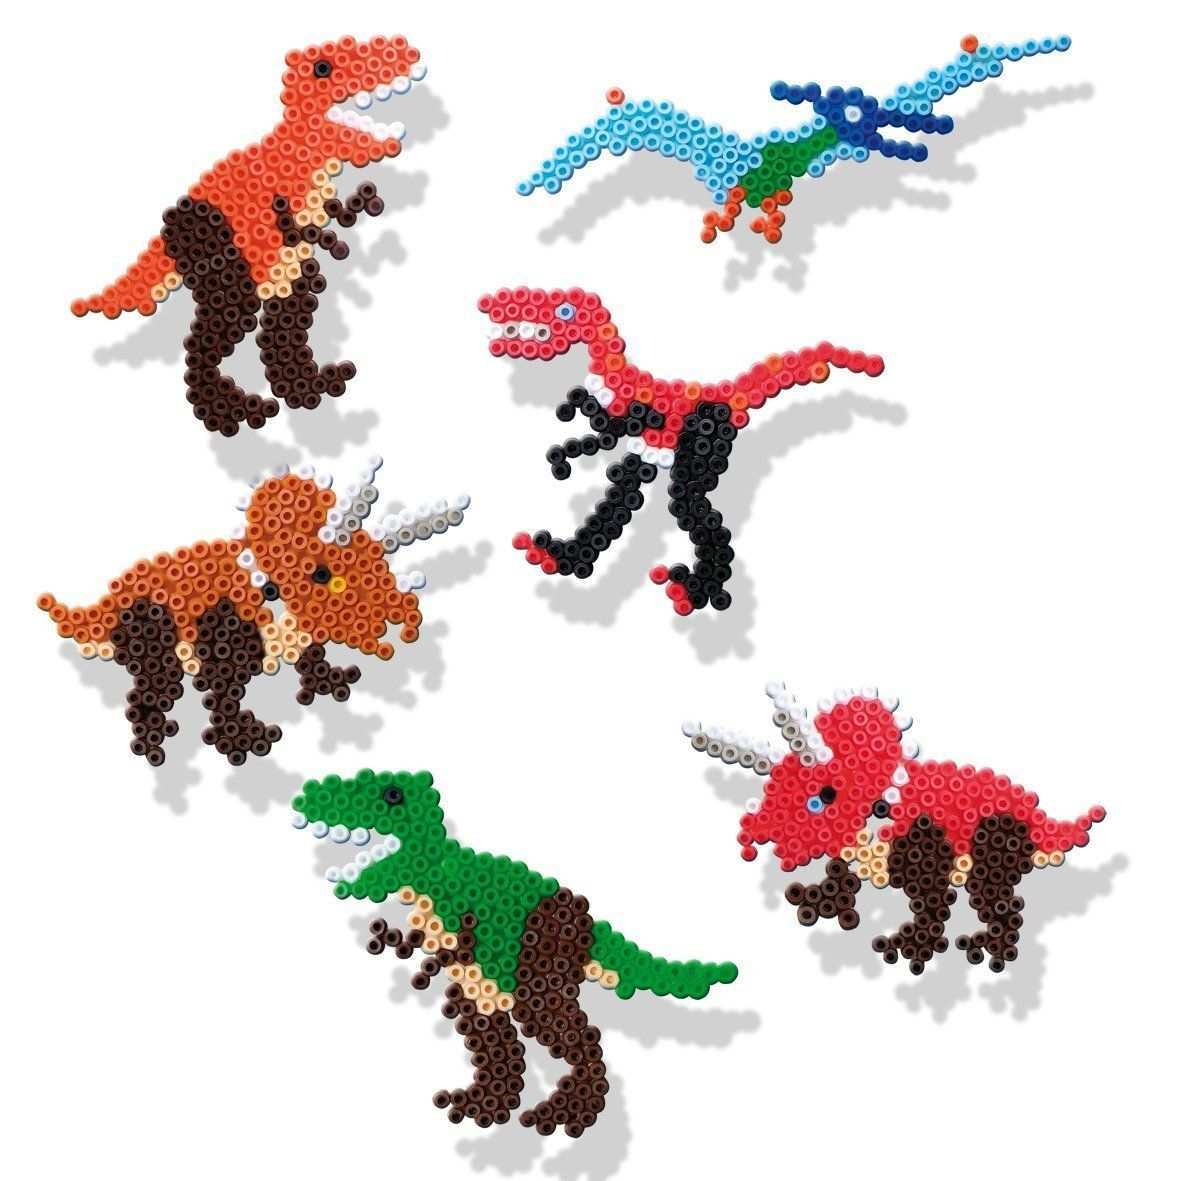 Ses 06125 Bugelperlenset Dinosaurier Amazon De Spielzeug Perler Bead Designs Basteln Bugelperlen Bugelperlen